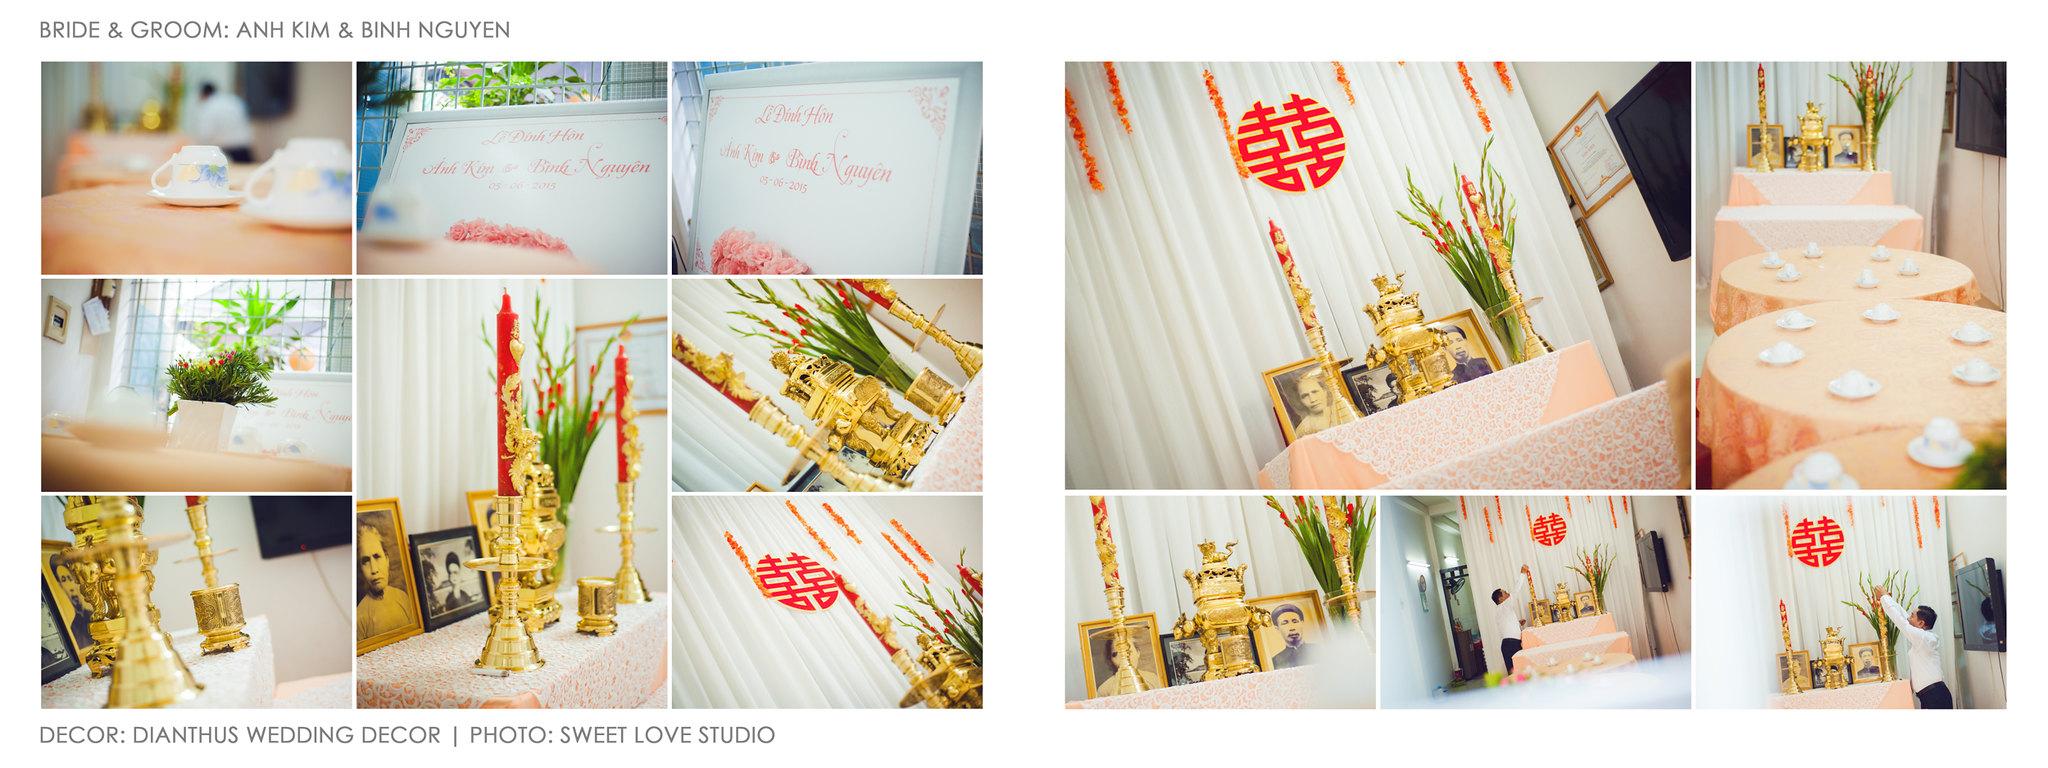 Chup-anh-cuoi-phong-su-Anh-Kim-Binh-Nguyen-02